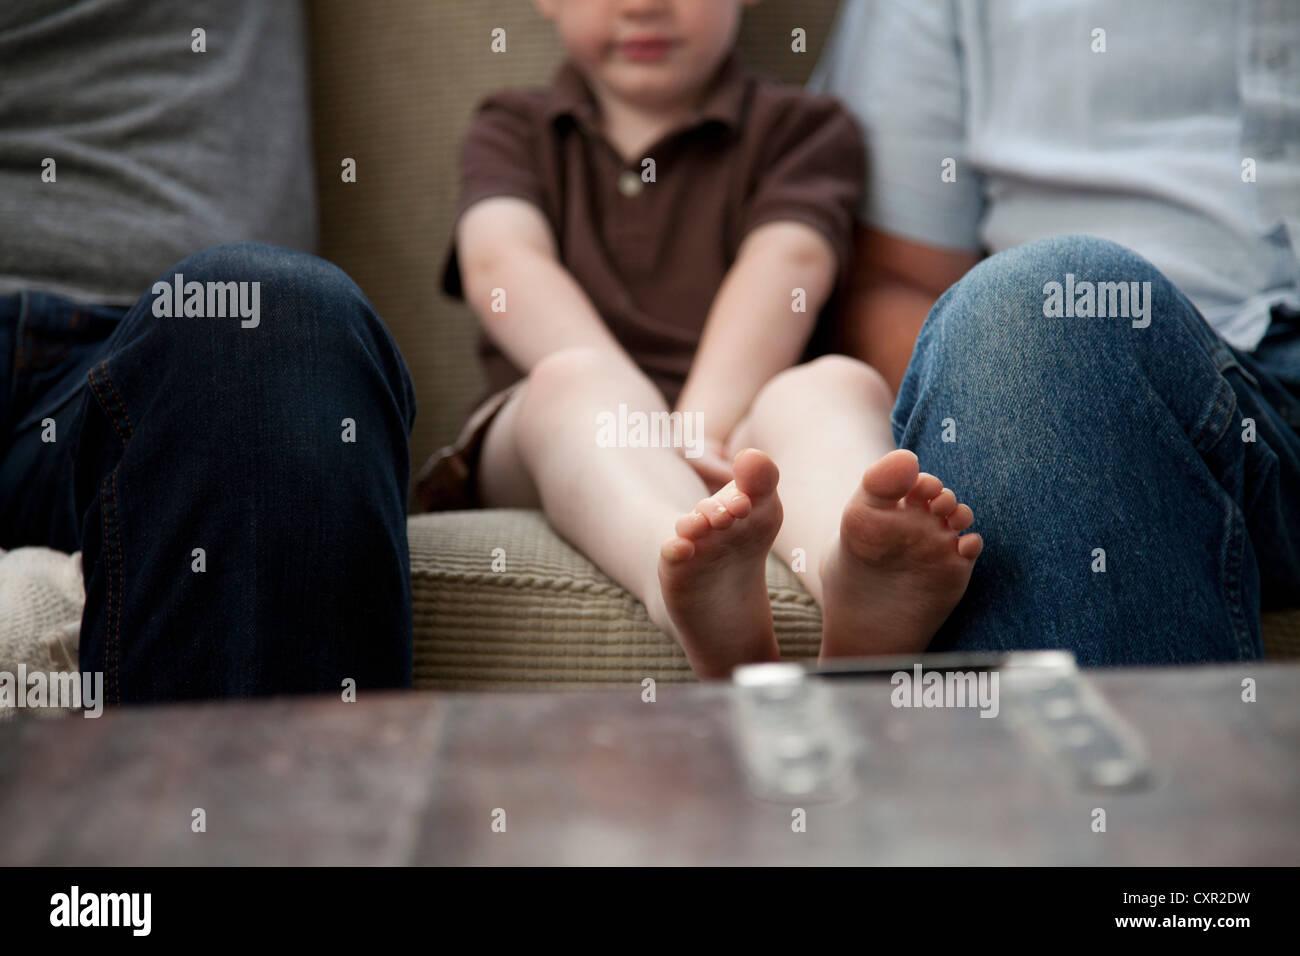 Ragazzo seduto sul divano con adulti Immagini Stock